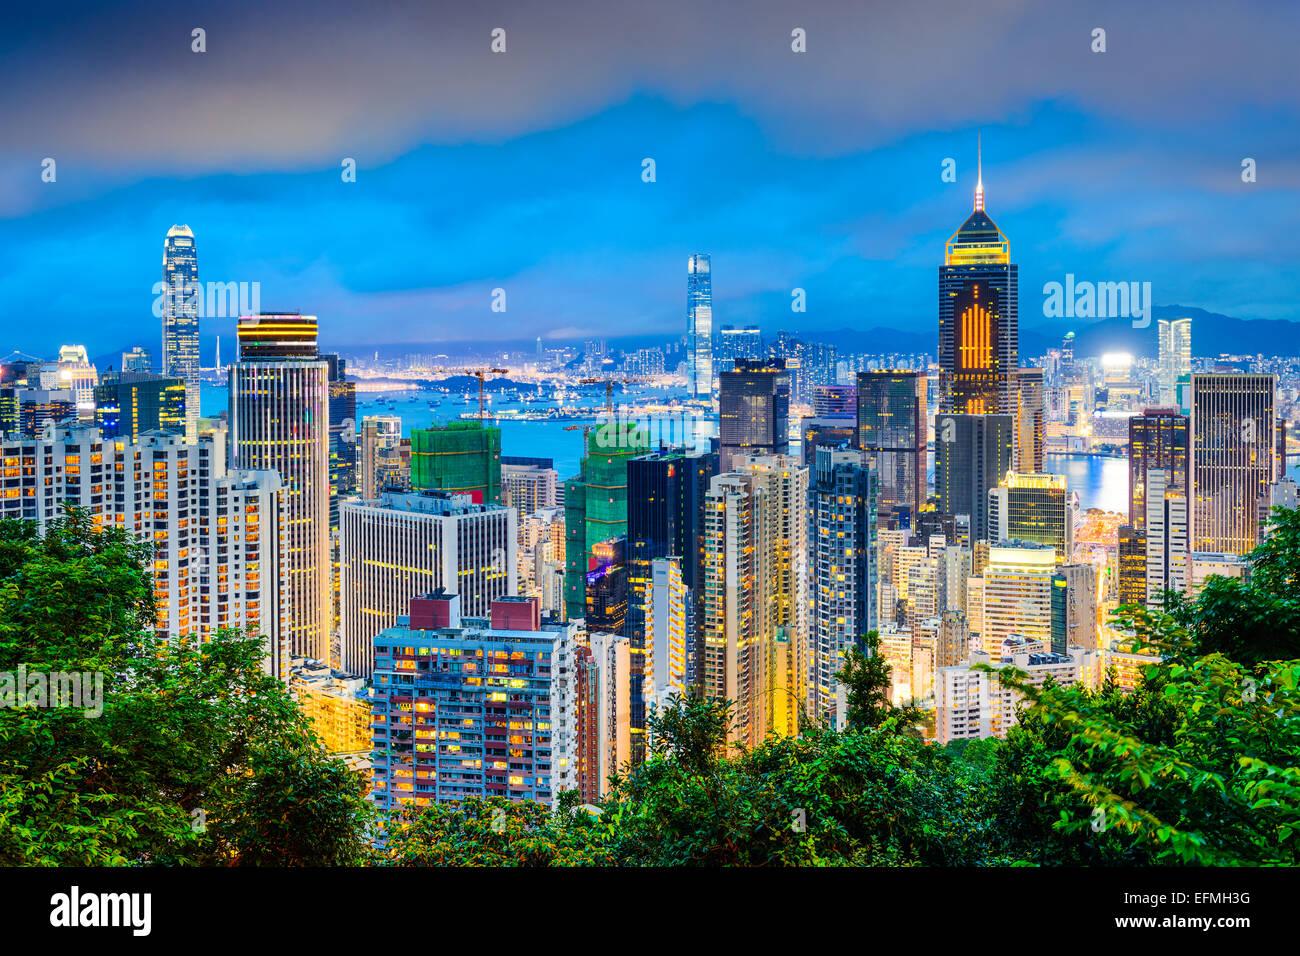 Hong Kong, China cityscape at twilight. - Stock Image